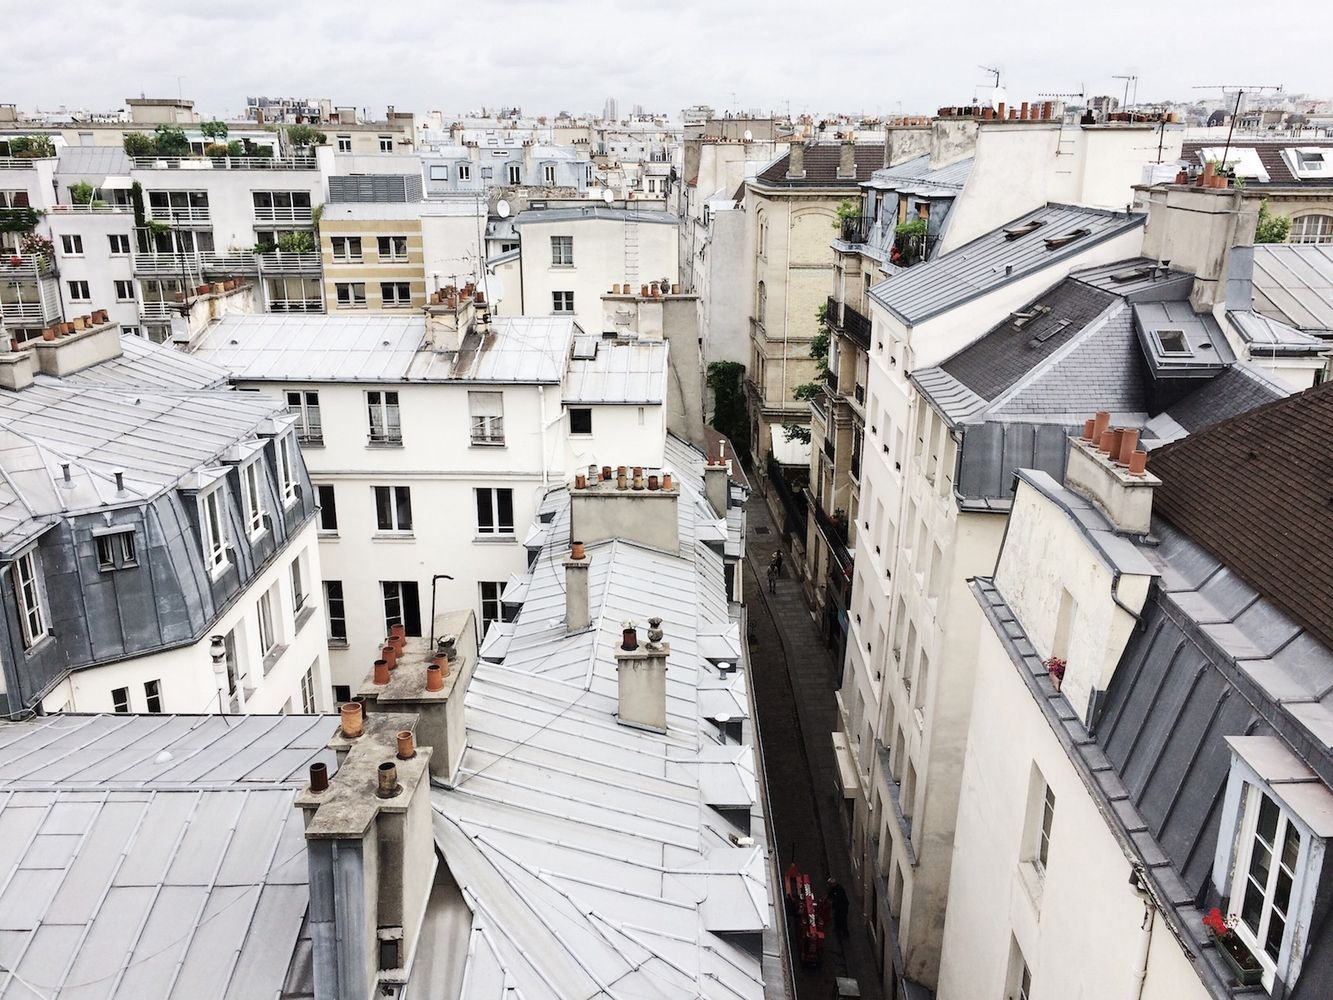 Le Marais Rooftops, Paris